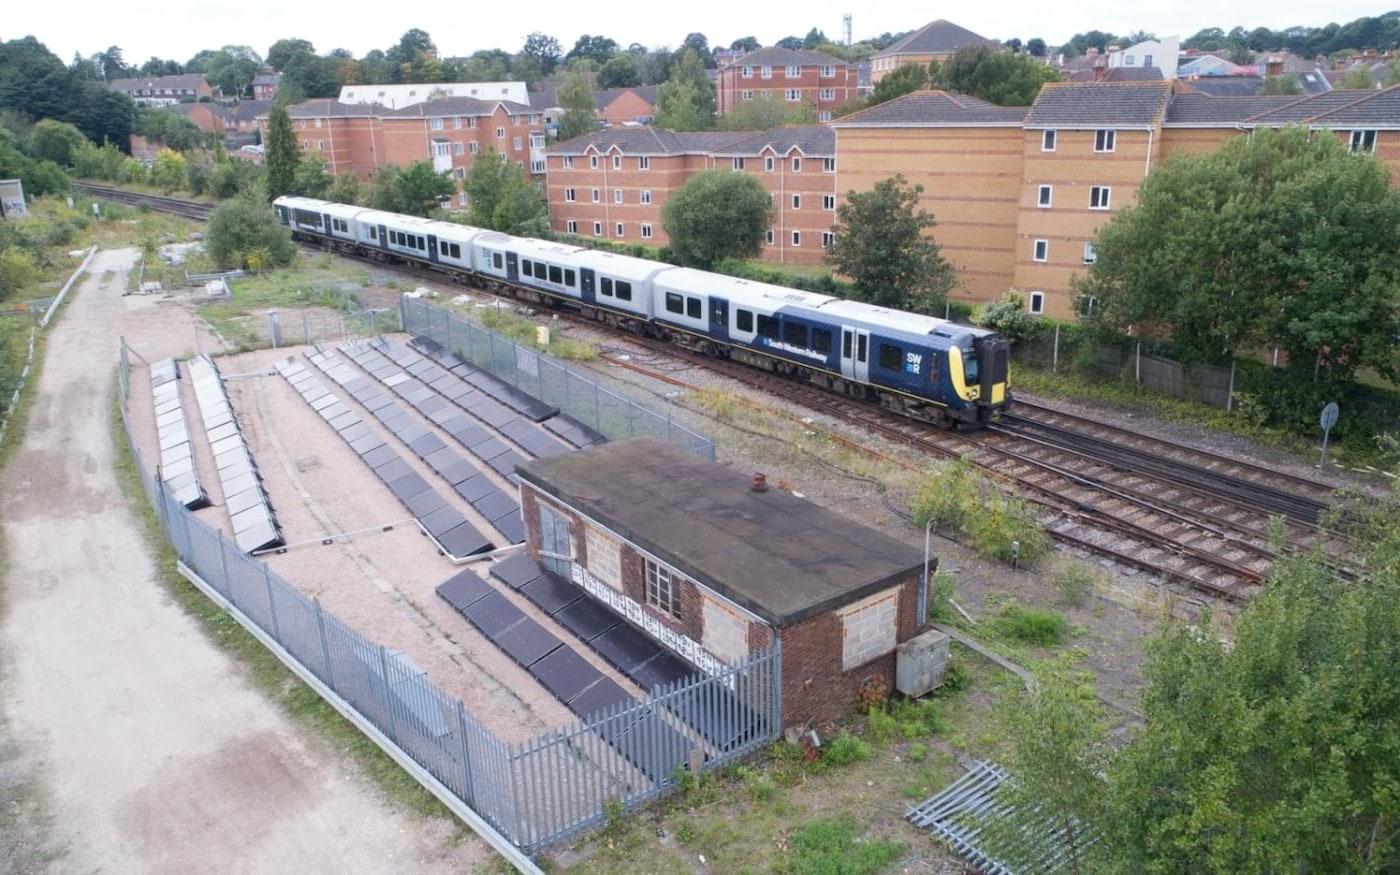 A primeira linha ferroviária movida 100% a energia solar do mundo é inaugurada no Reino Unido